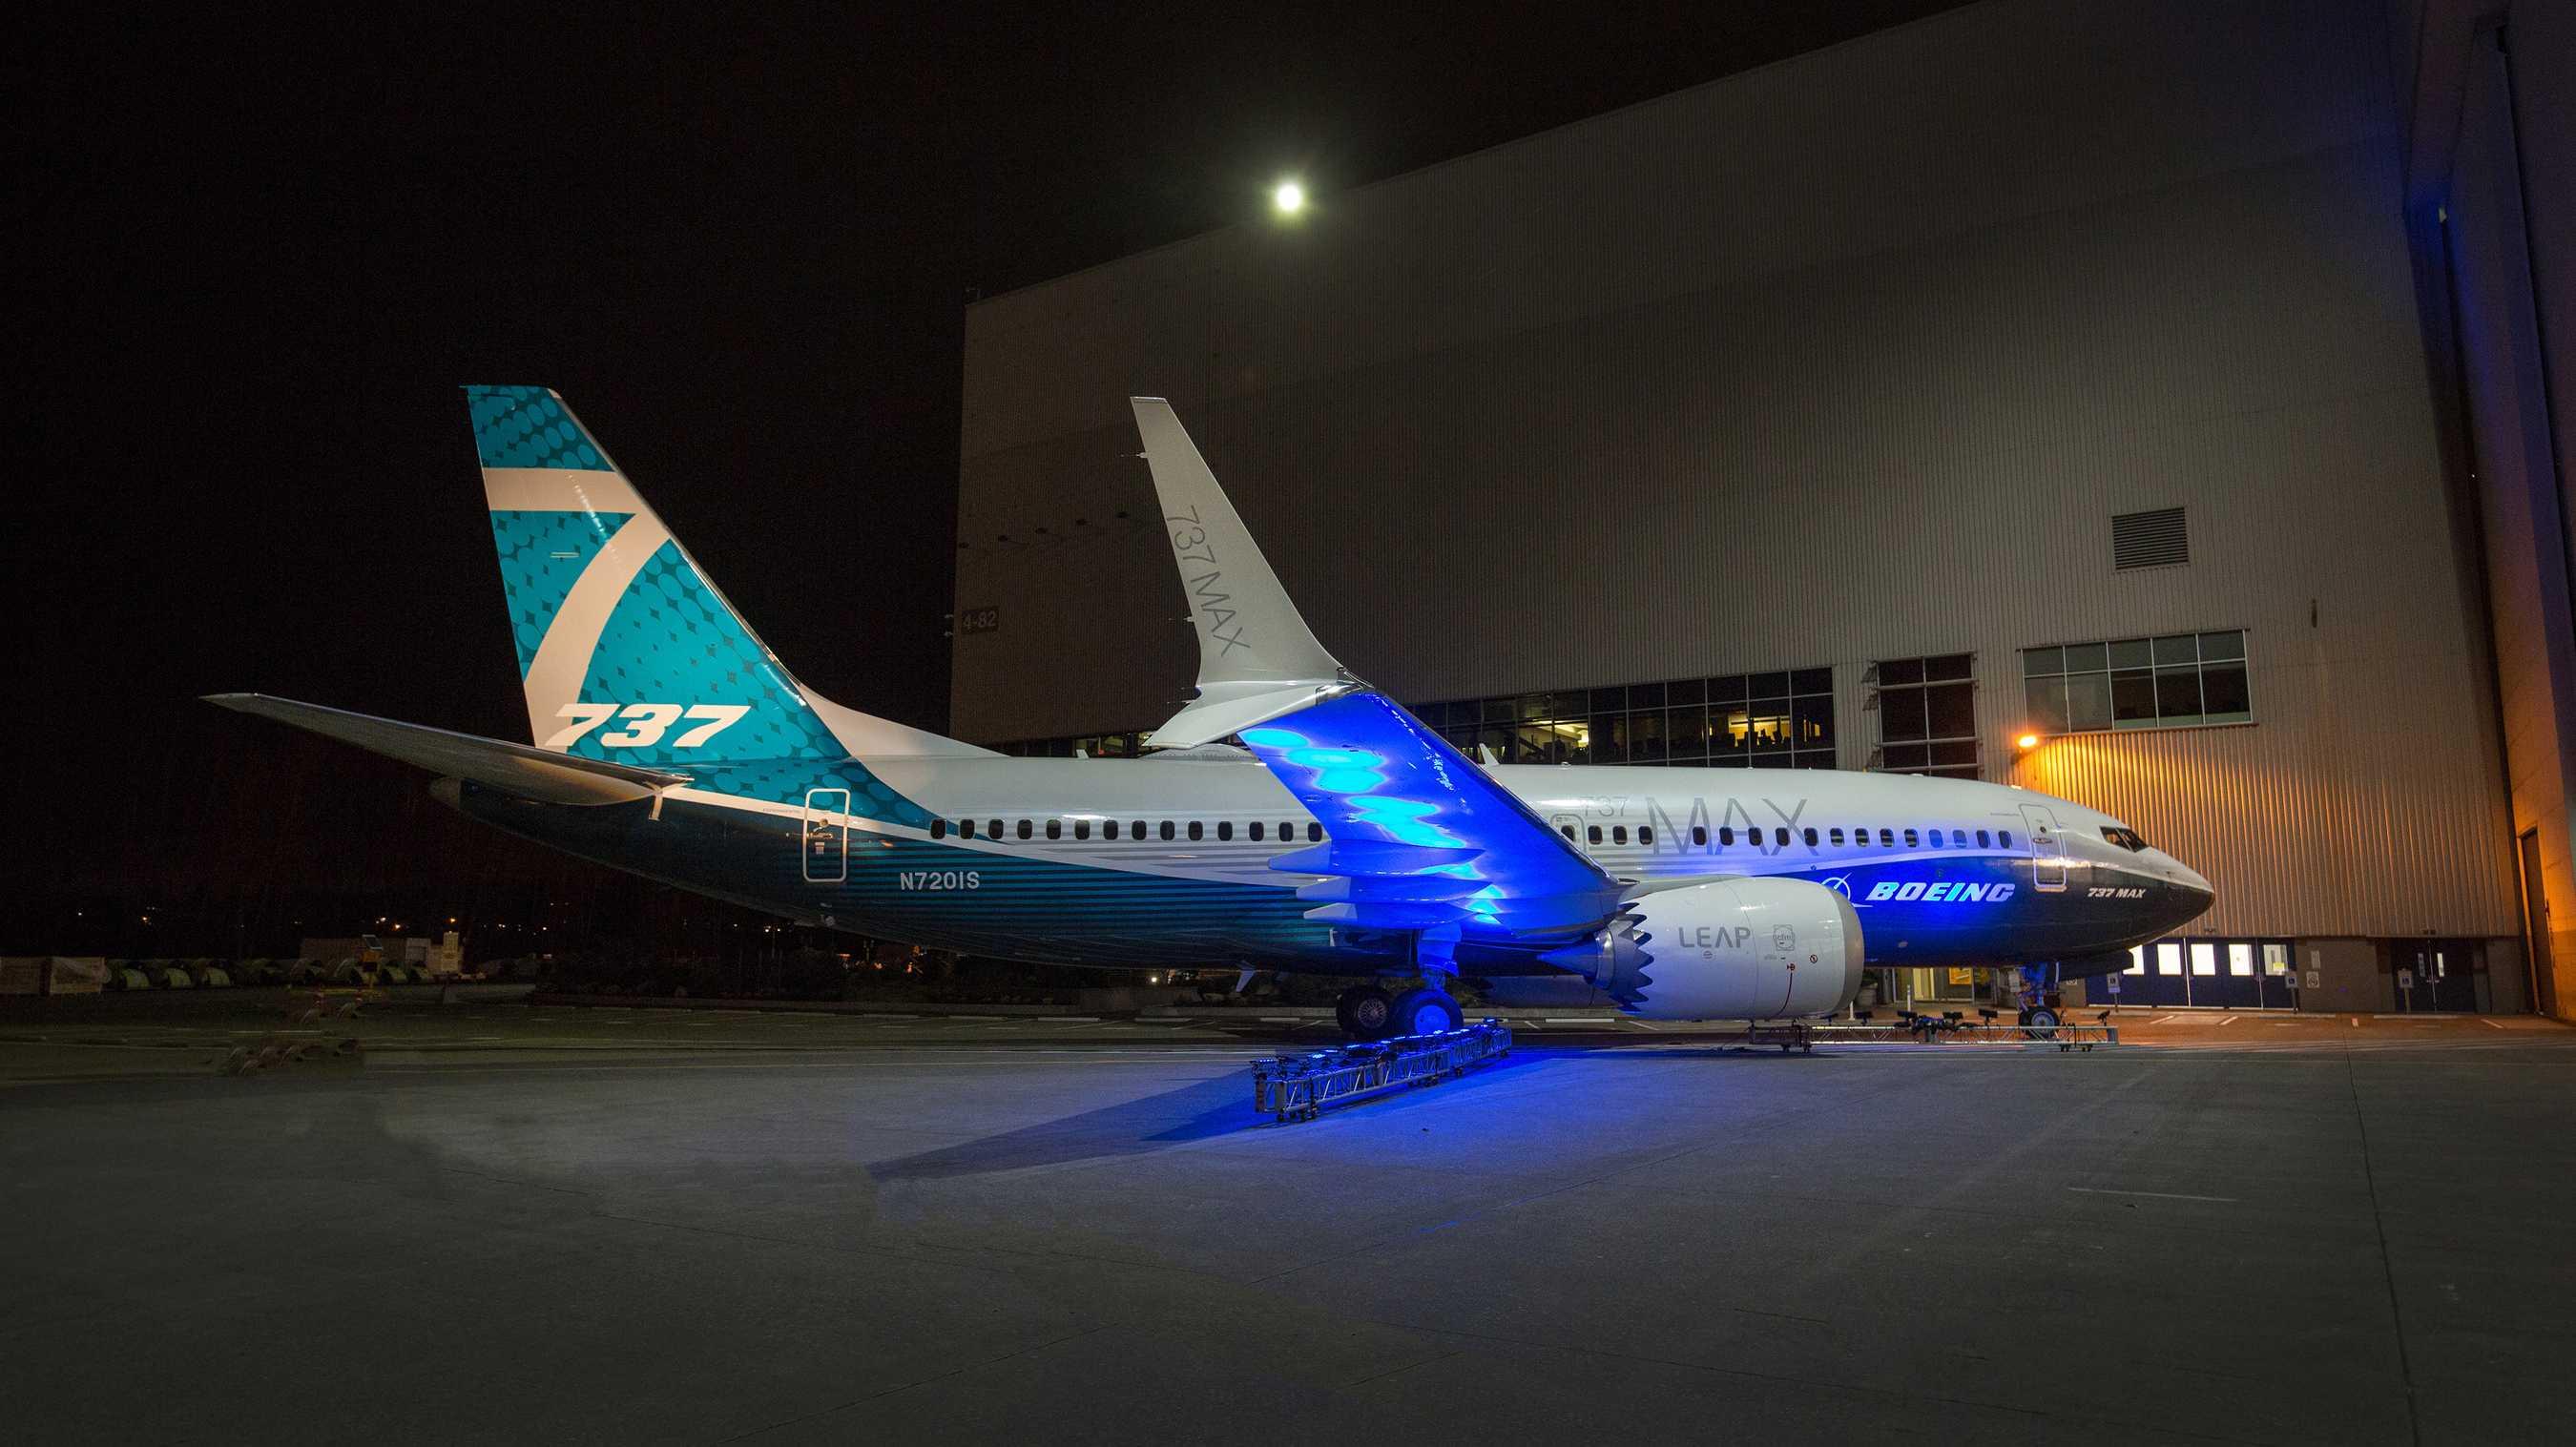 737-Max-Debakel belastet Boeing-Bilanz mit 4,9 Milliarden Dollar